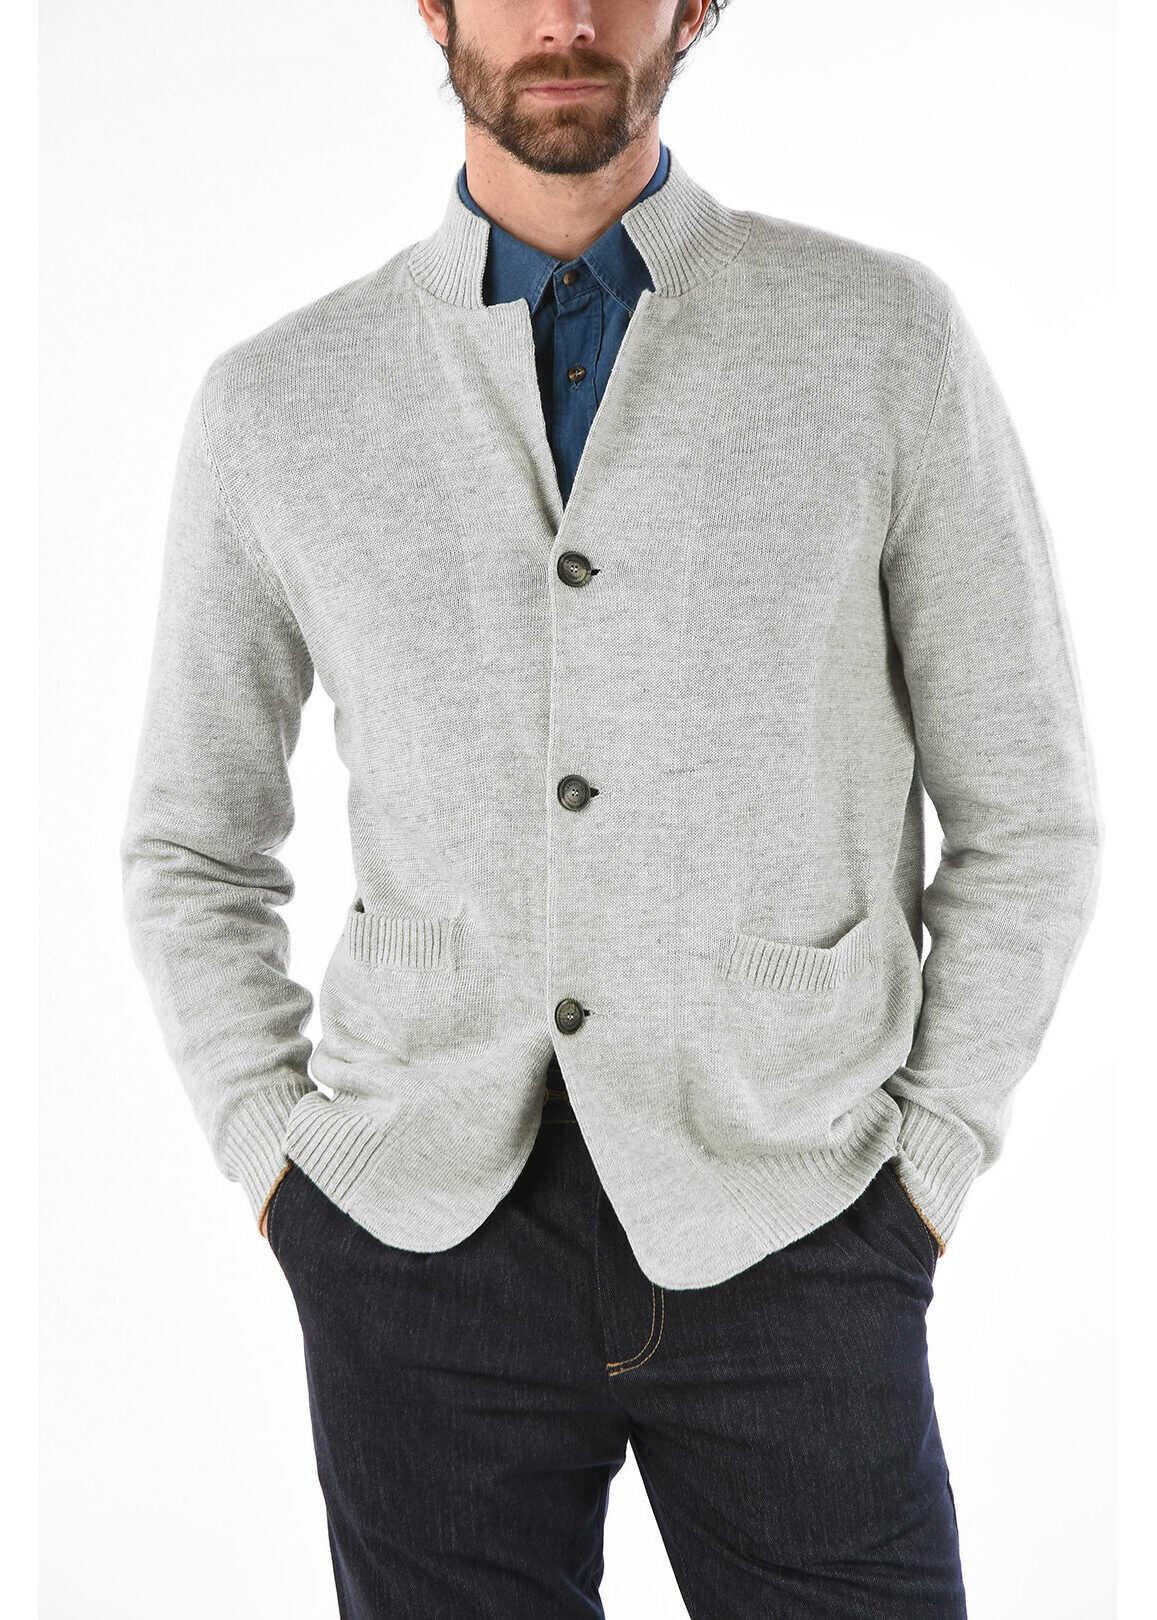 Brunello Cucinelli Linen and Cotton 3-Button Cardigan GRAY imagine